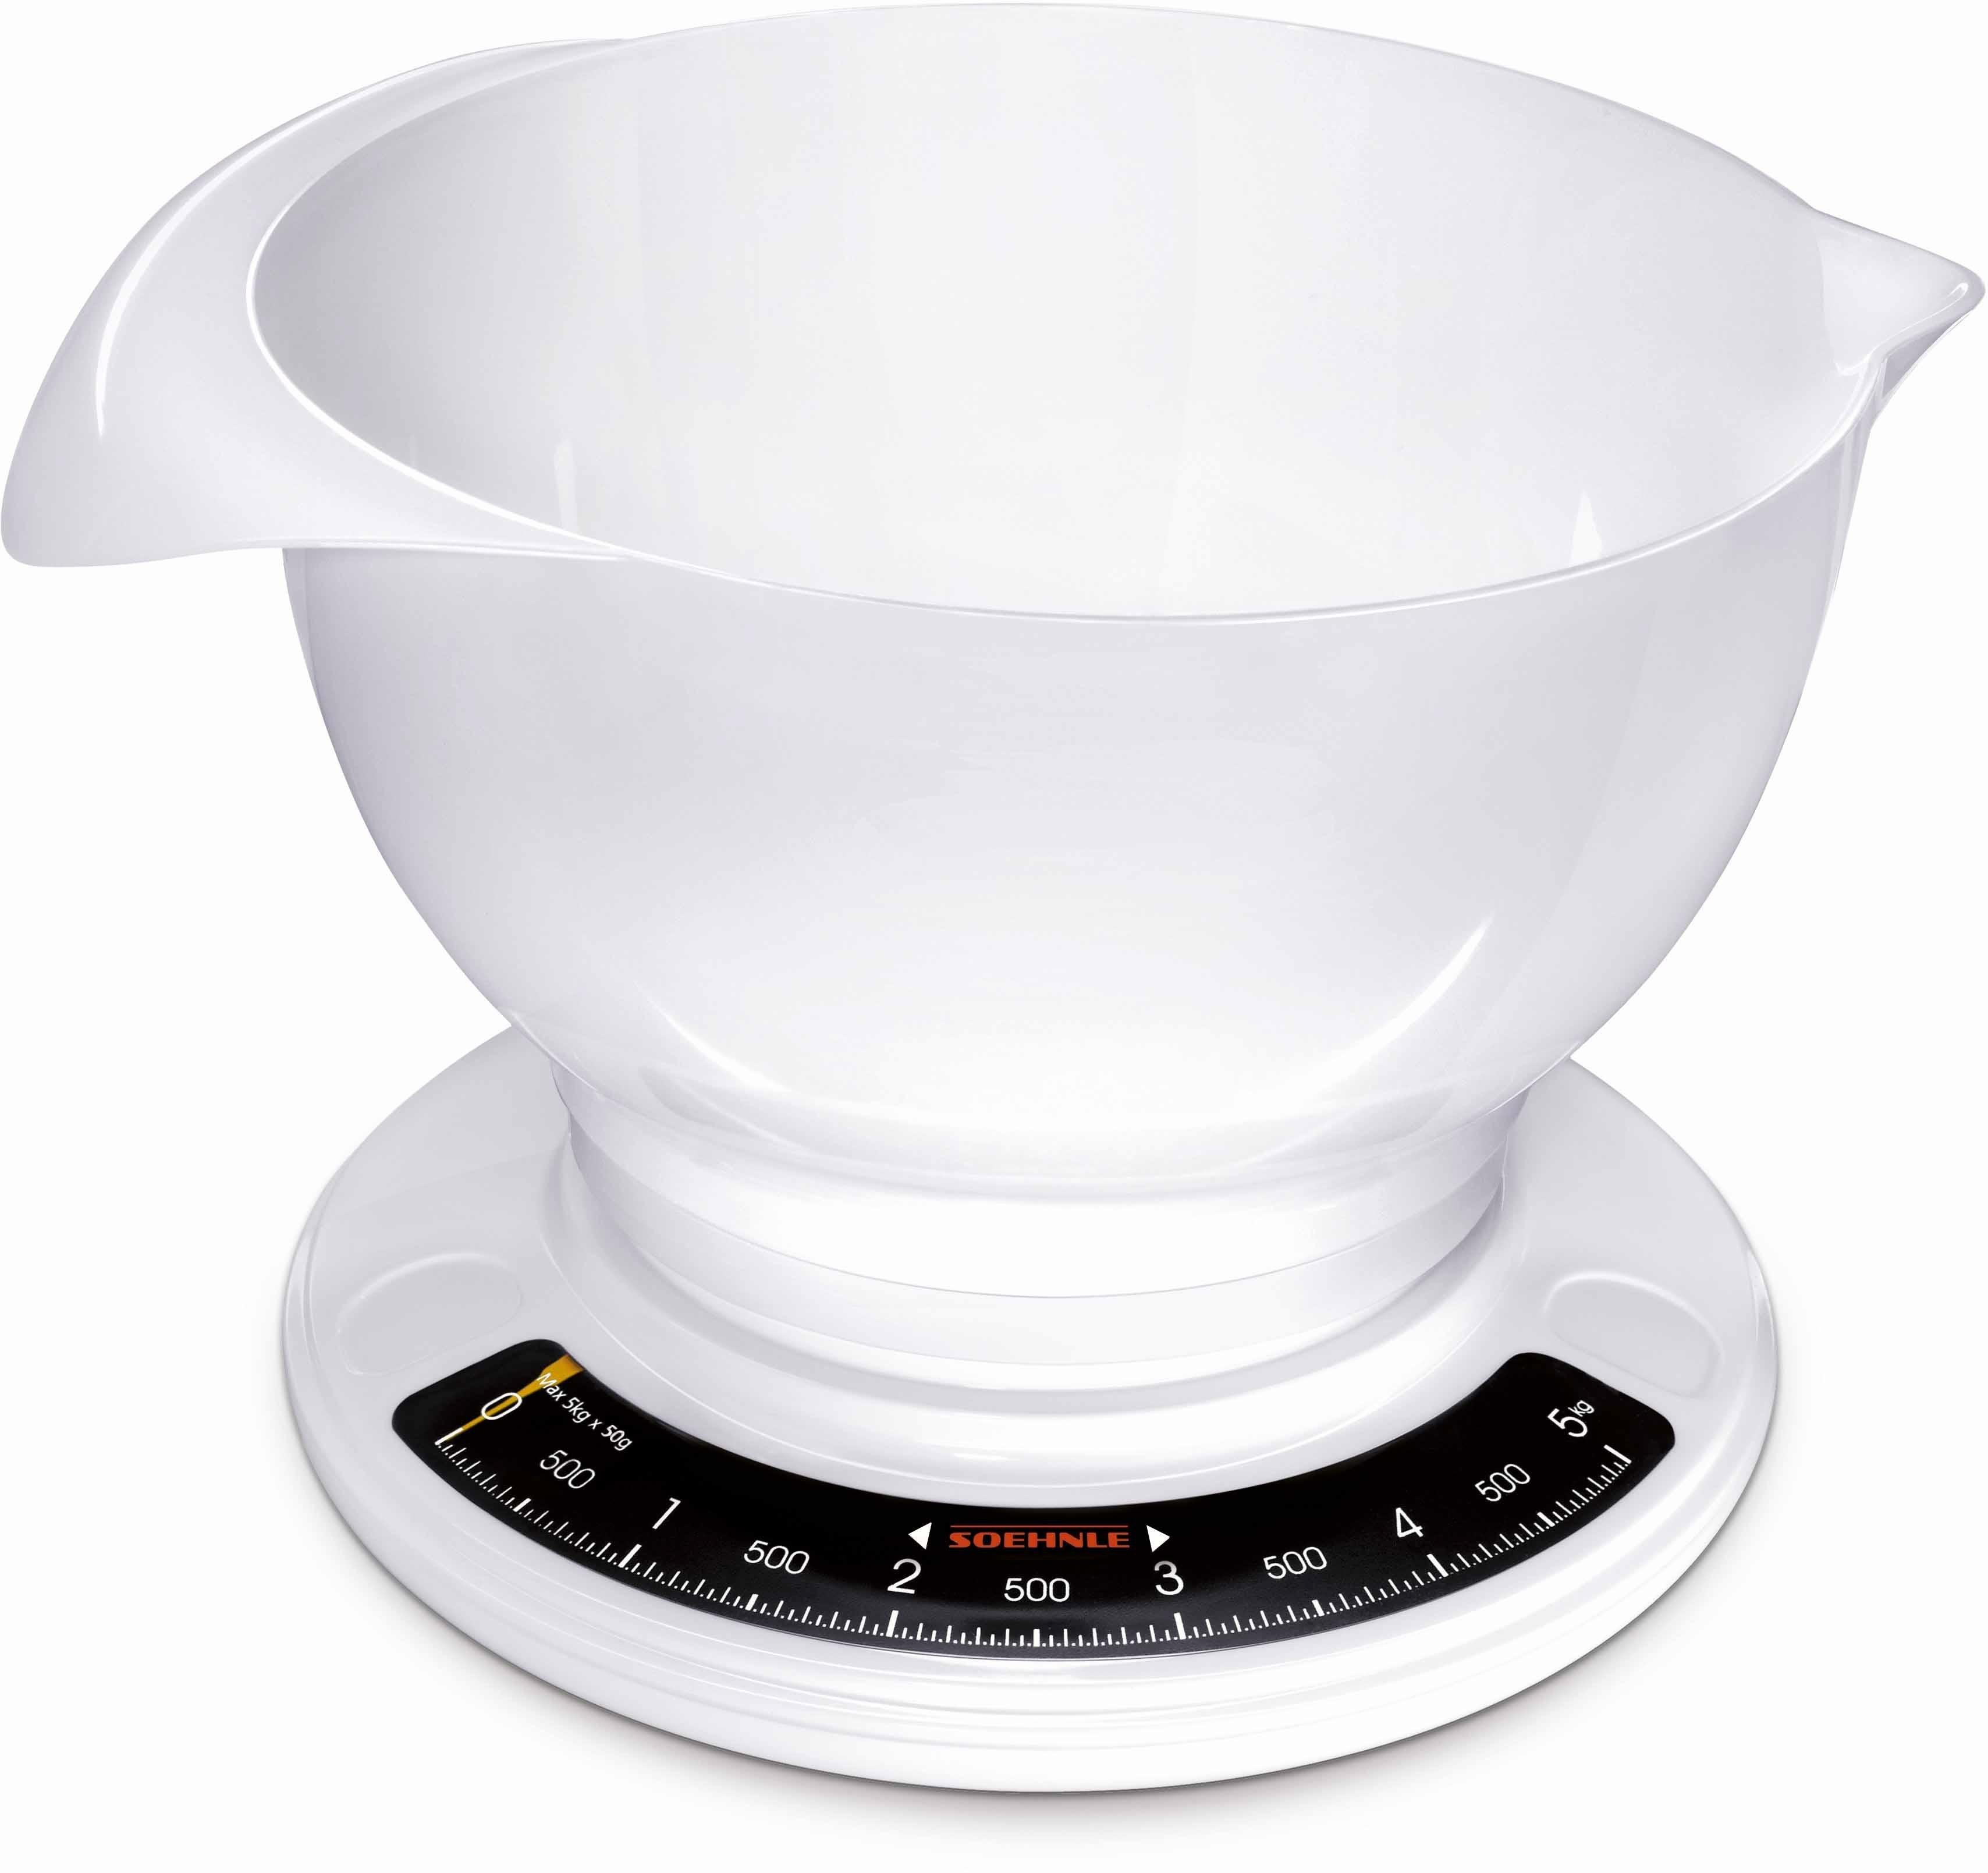 Soehnle analoge keukenweegschaal, met grote mengkom, »Culina Pro« veilig op otto.nl kopen